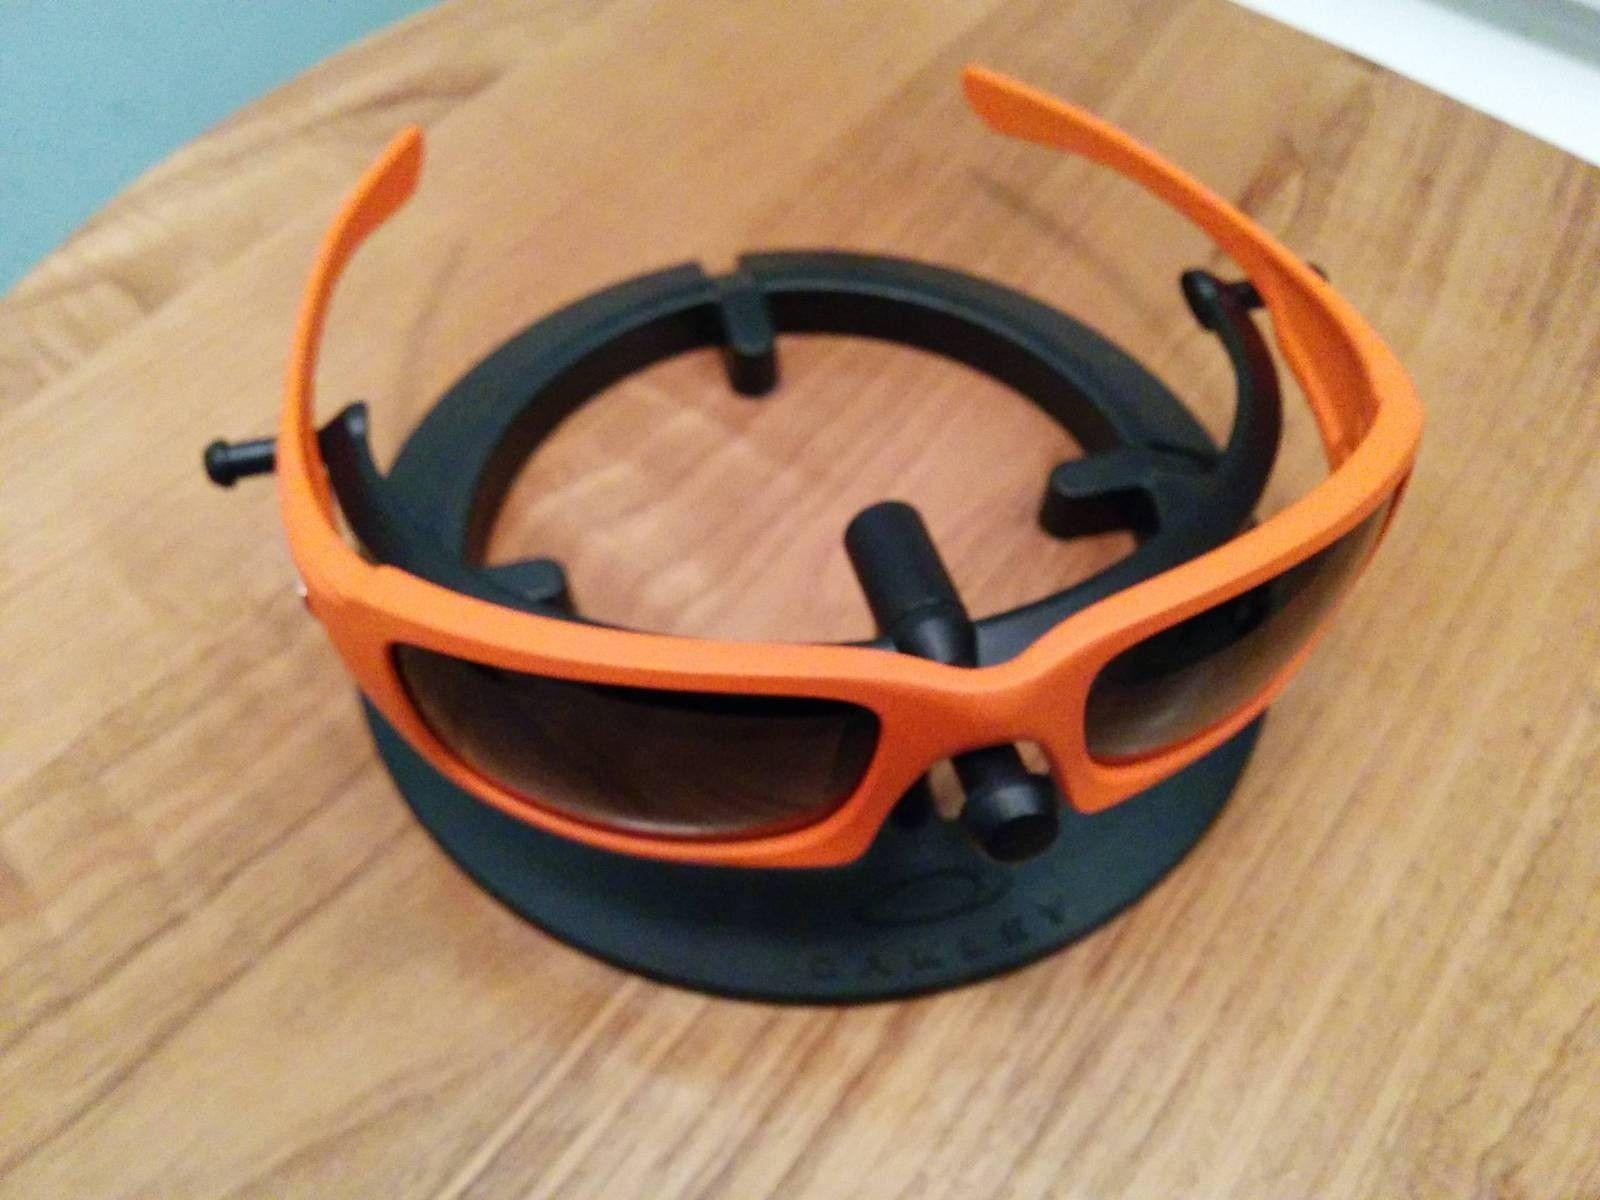 Safety Orange Cerakote Fives Squared/Grey Lens - aRwvuso.jpg